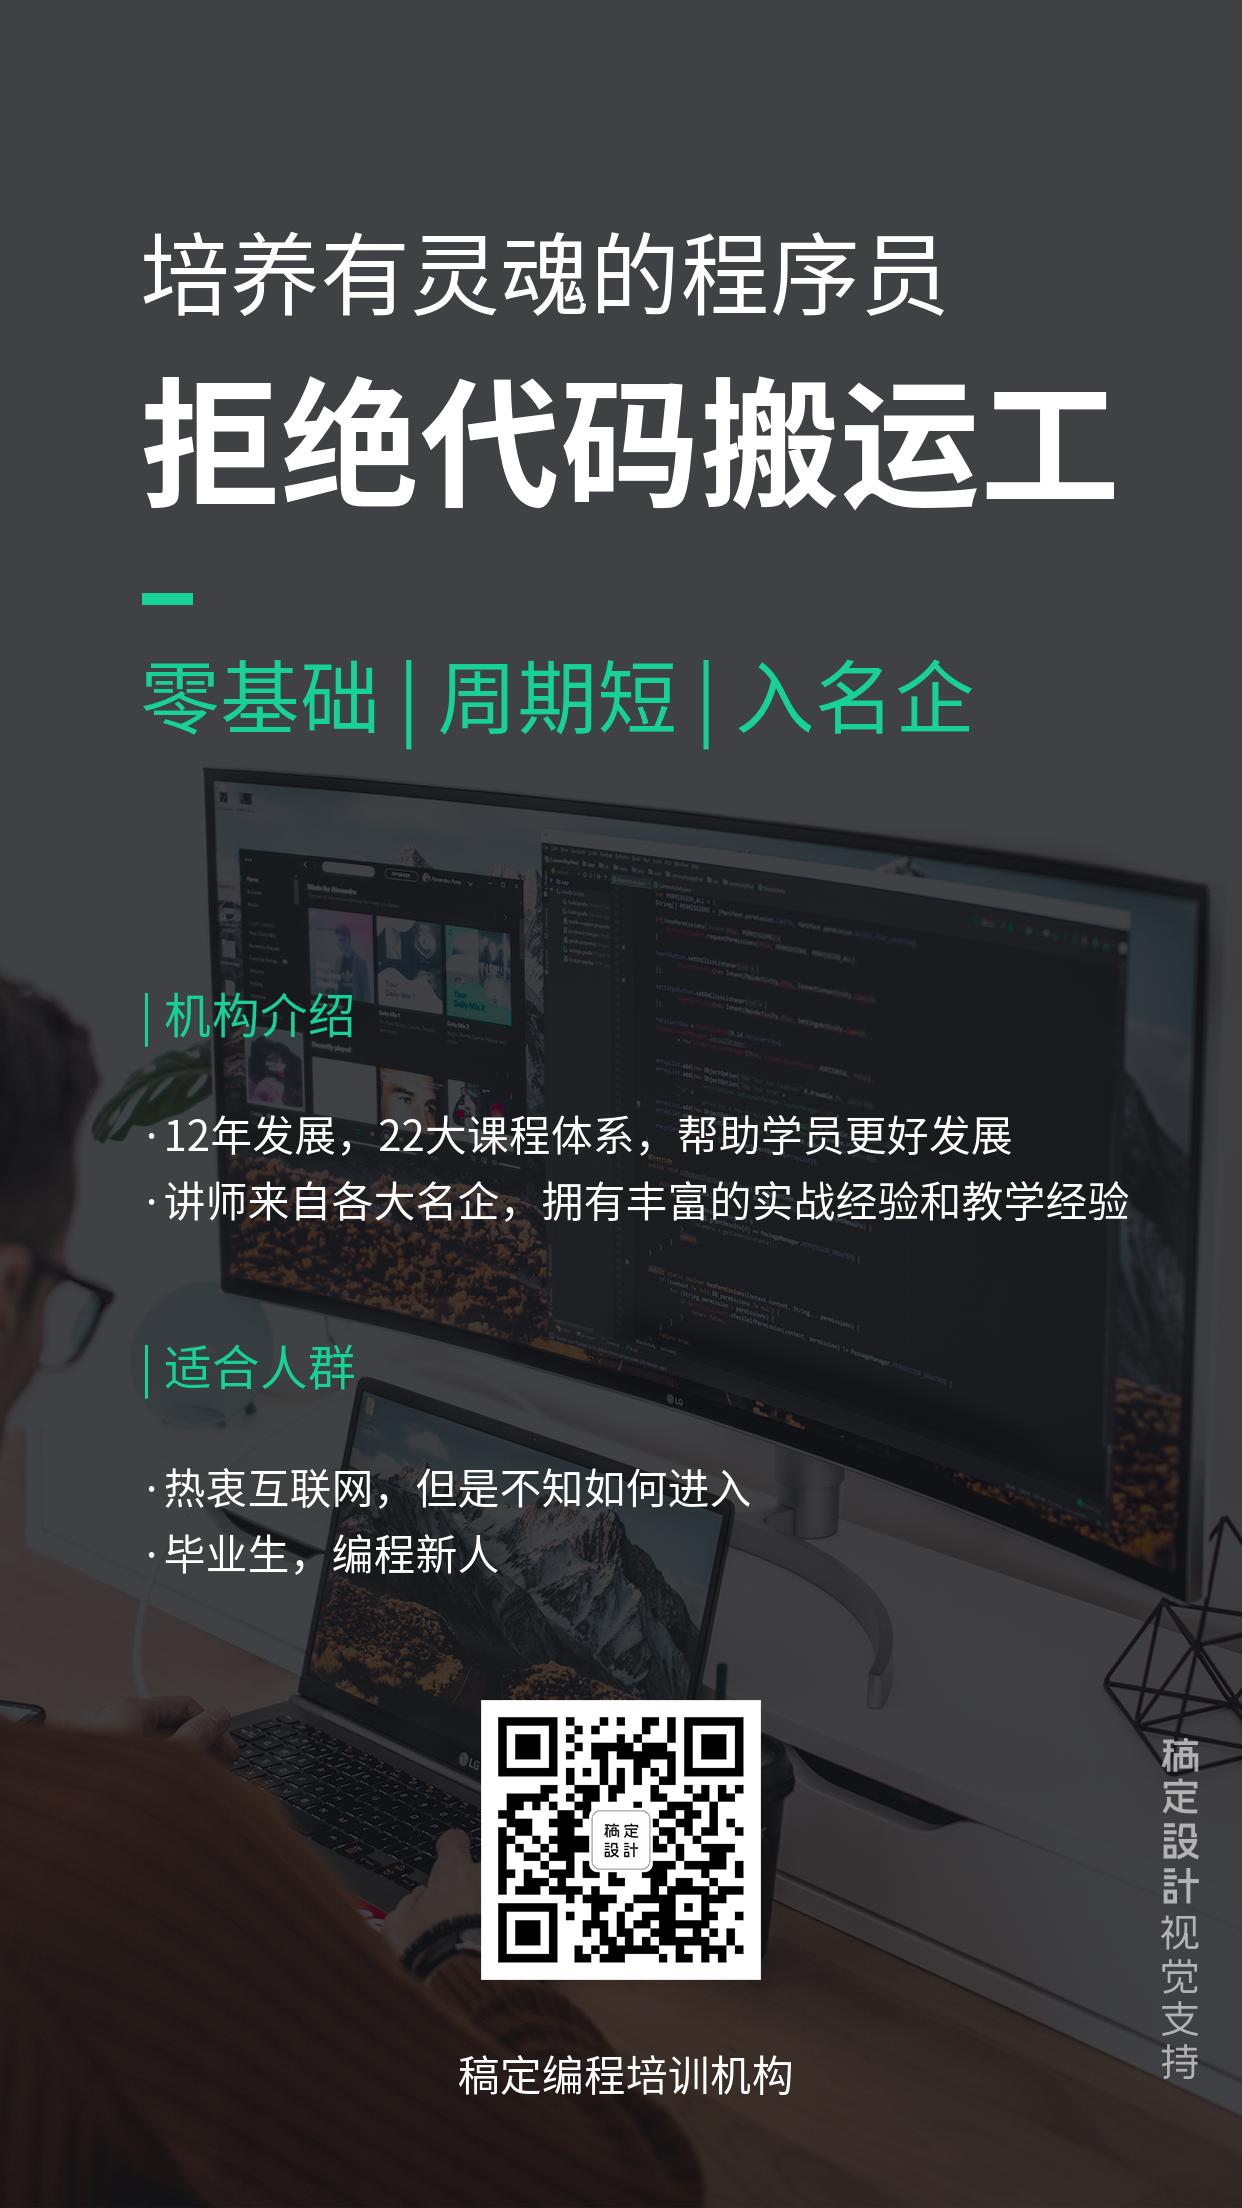 编程培训机构介绍手机海报